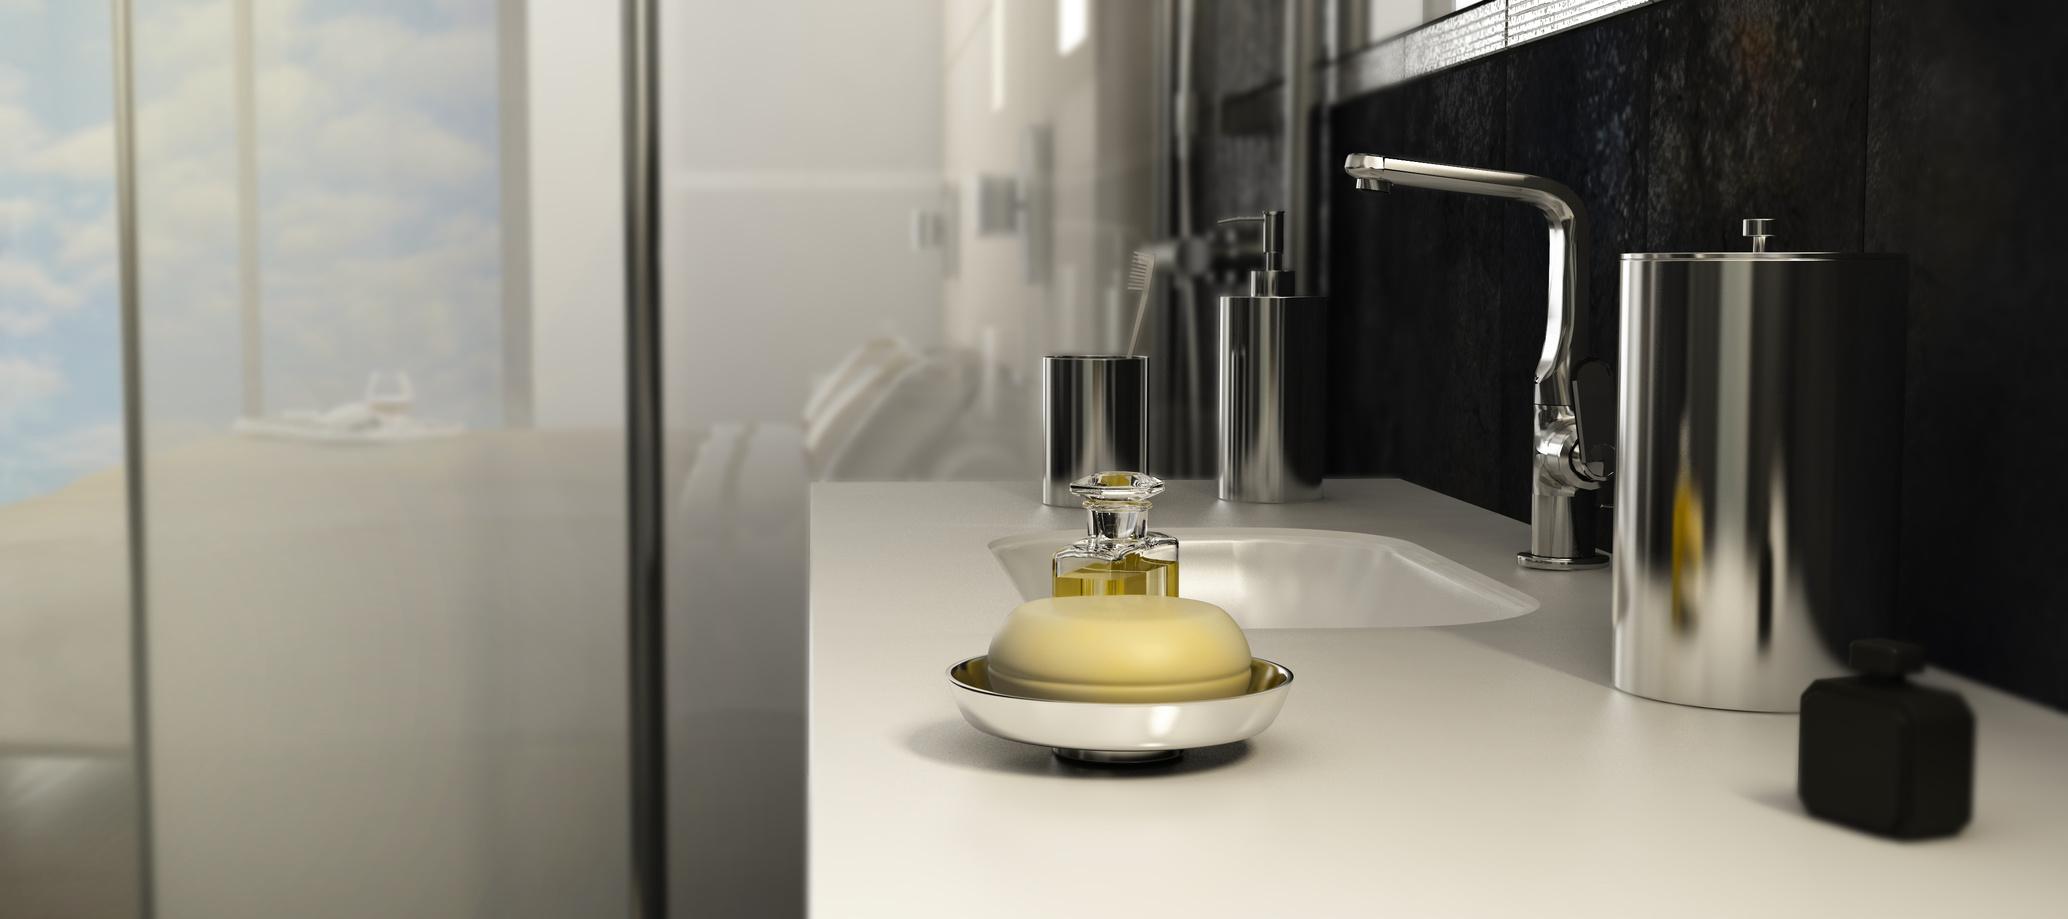 Comment enlever des traces de rouille dans la salle de bain for Enlever humidite salle de bain